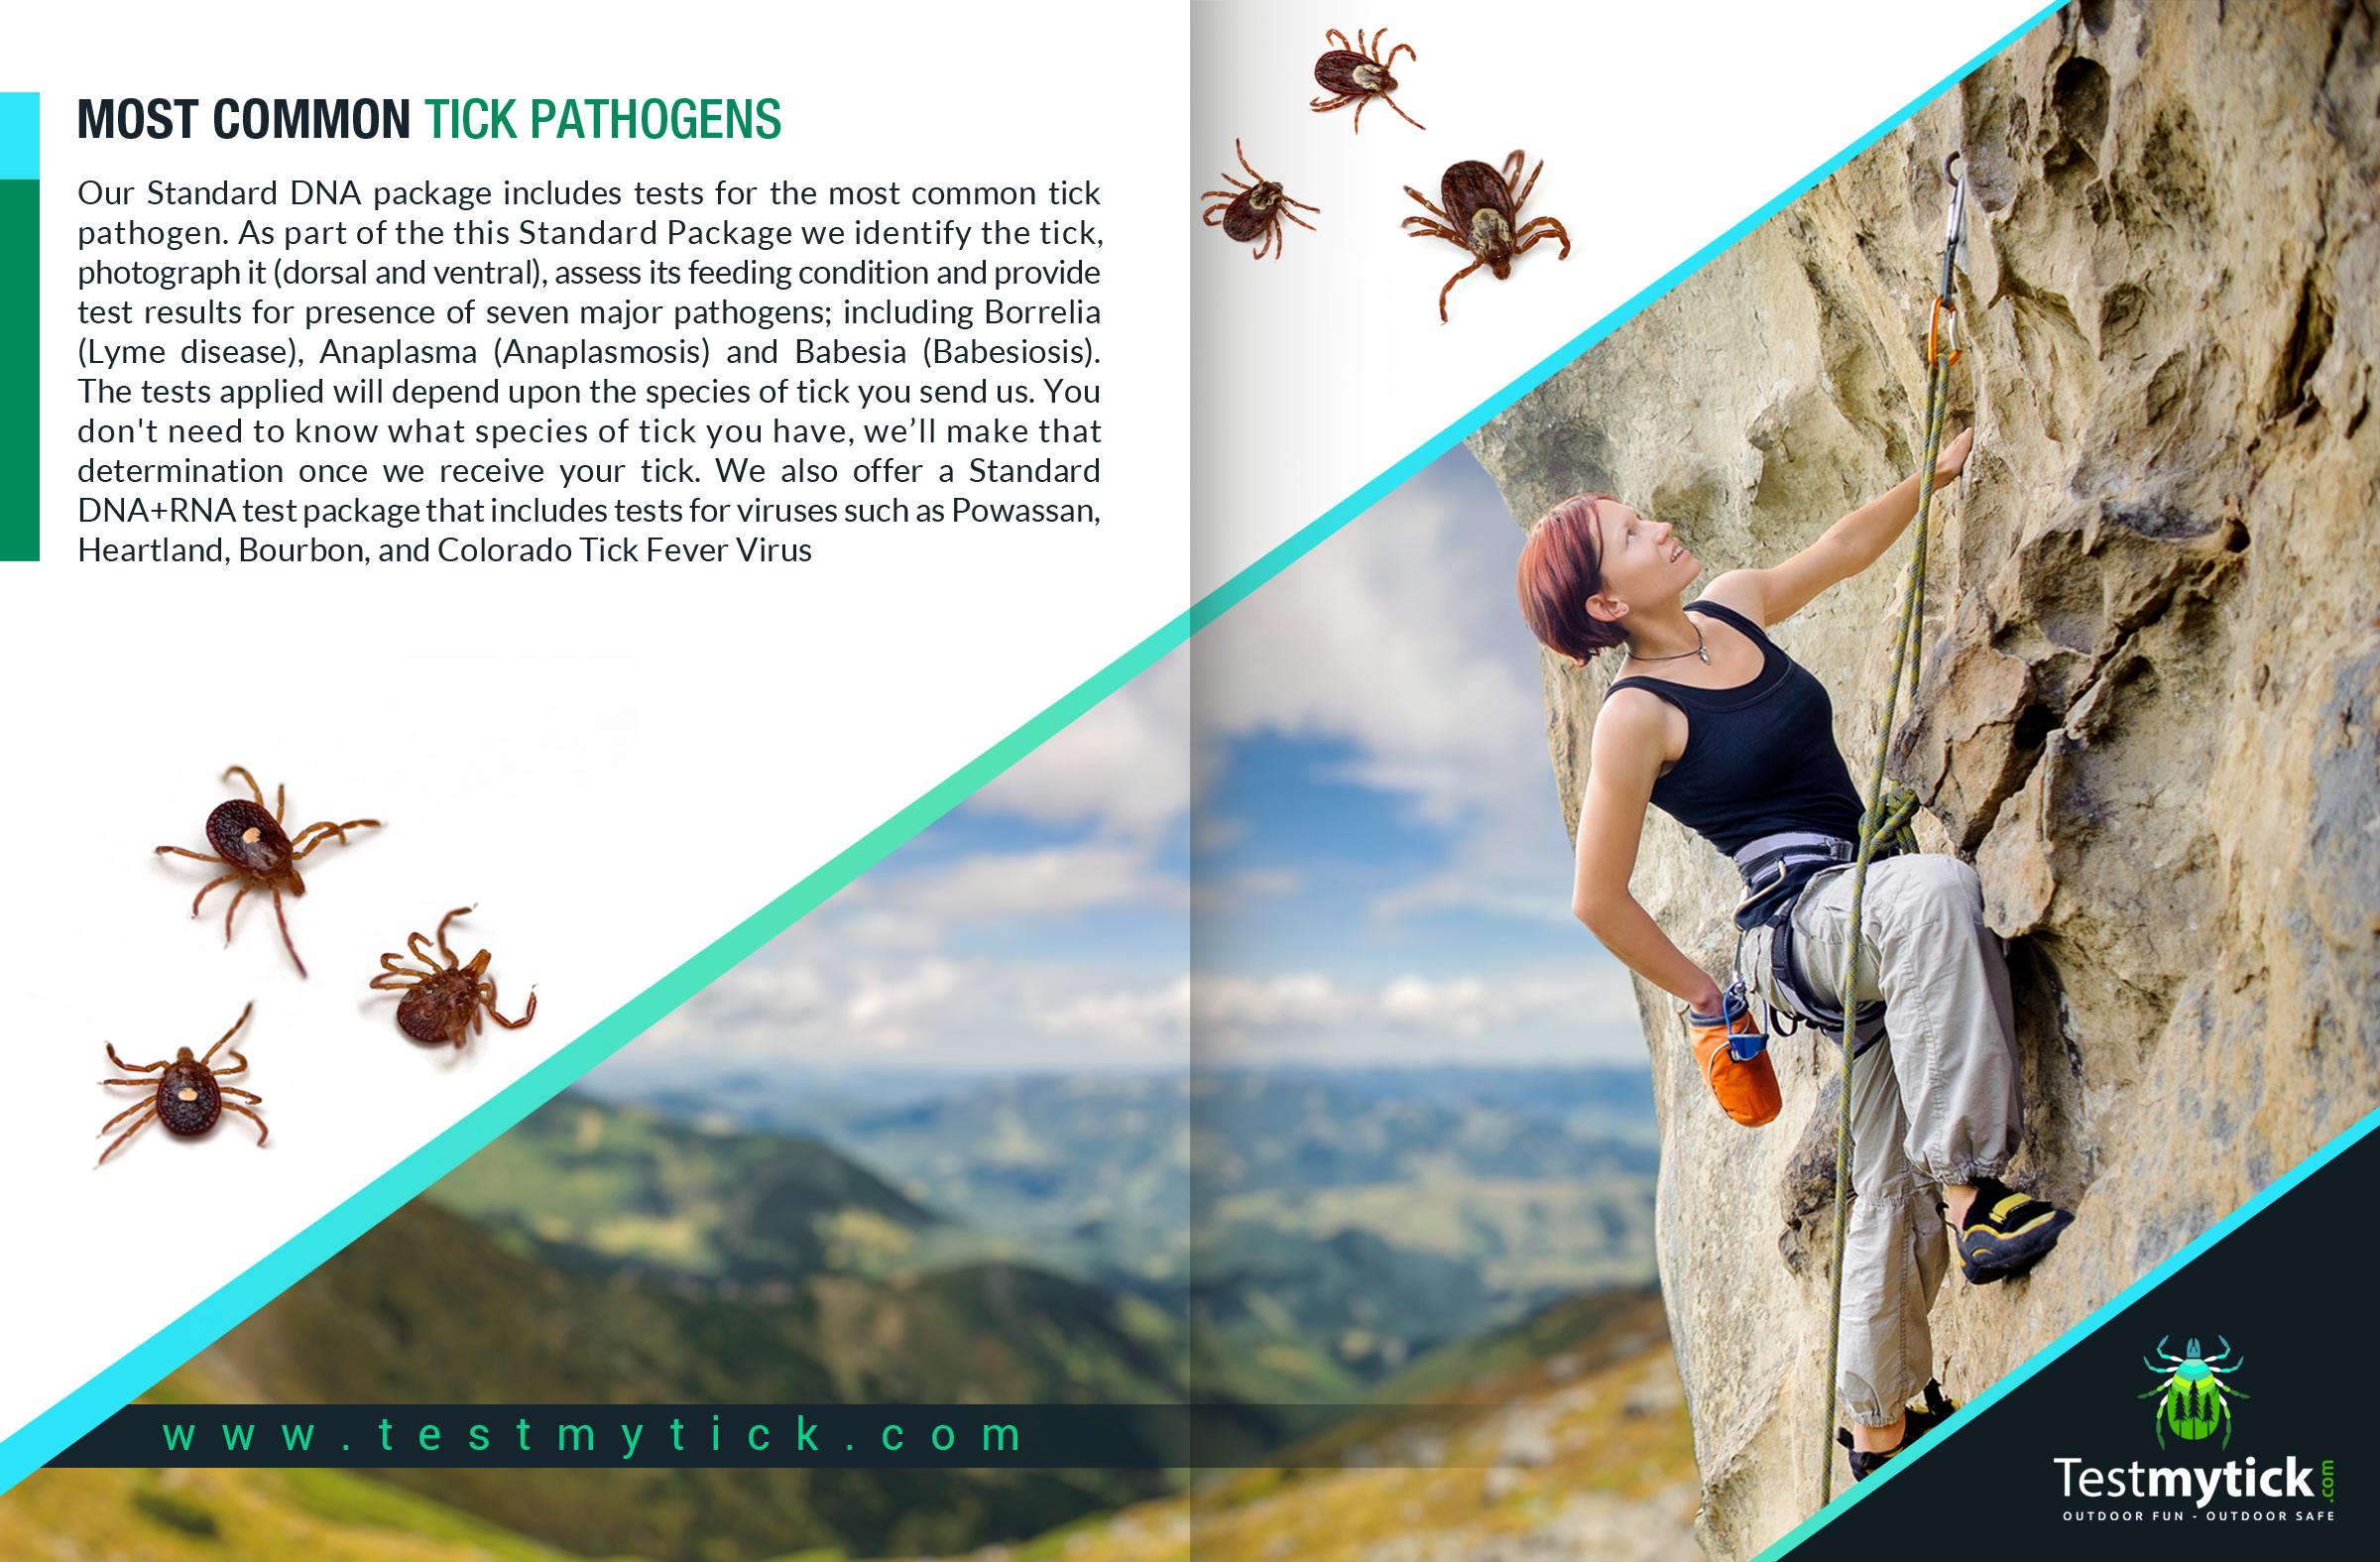 Tick Disease and Testing_Brochure_9_150617.jpg